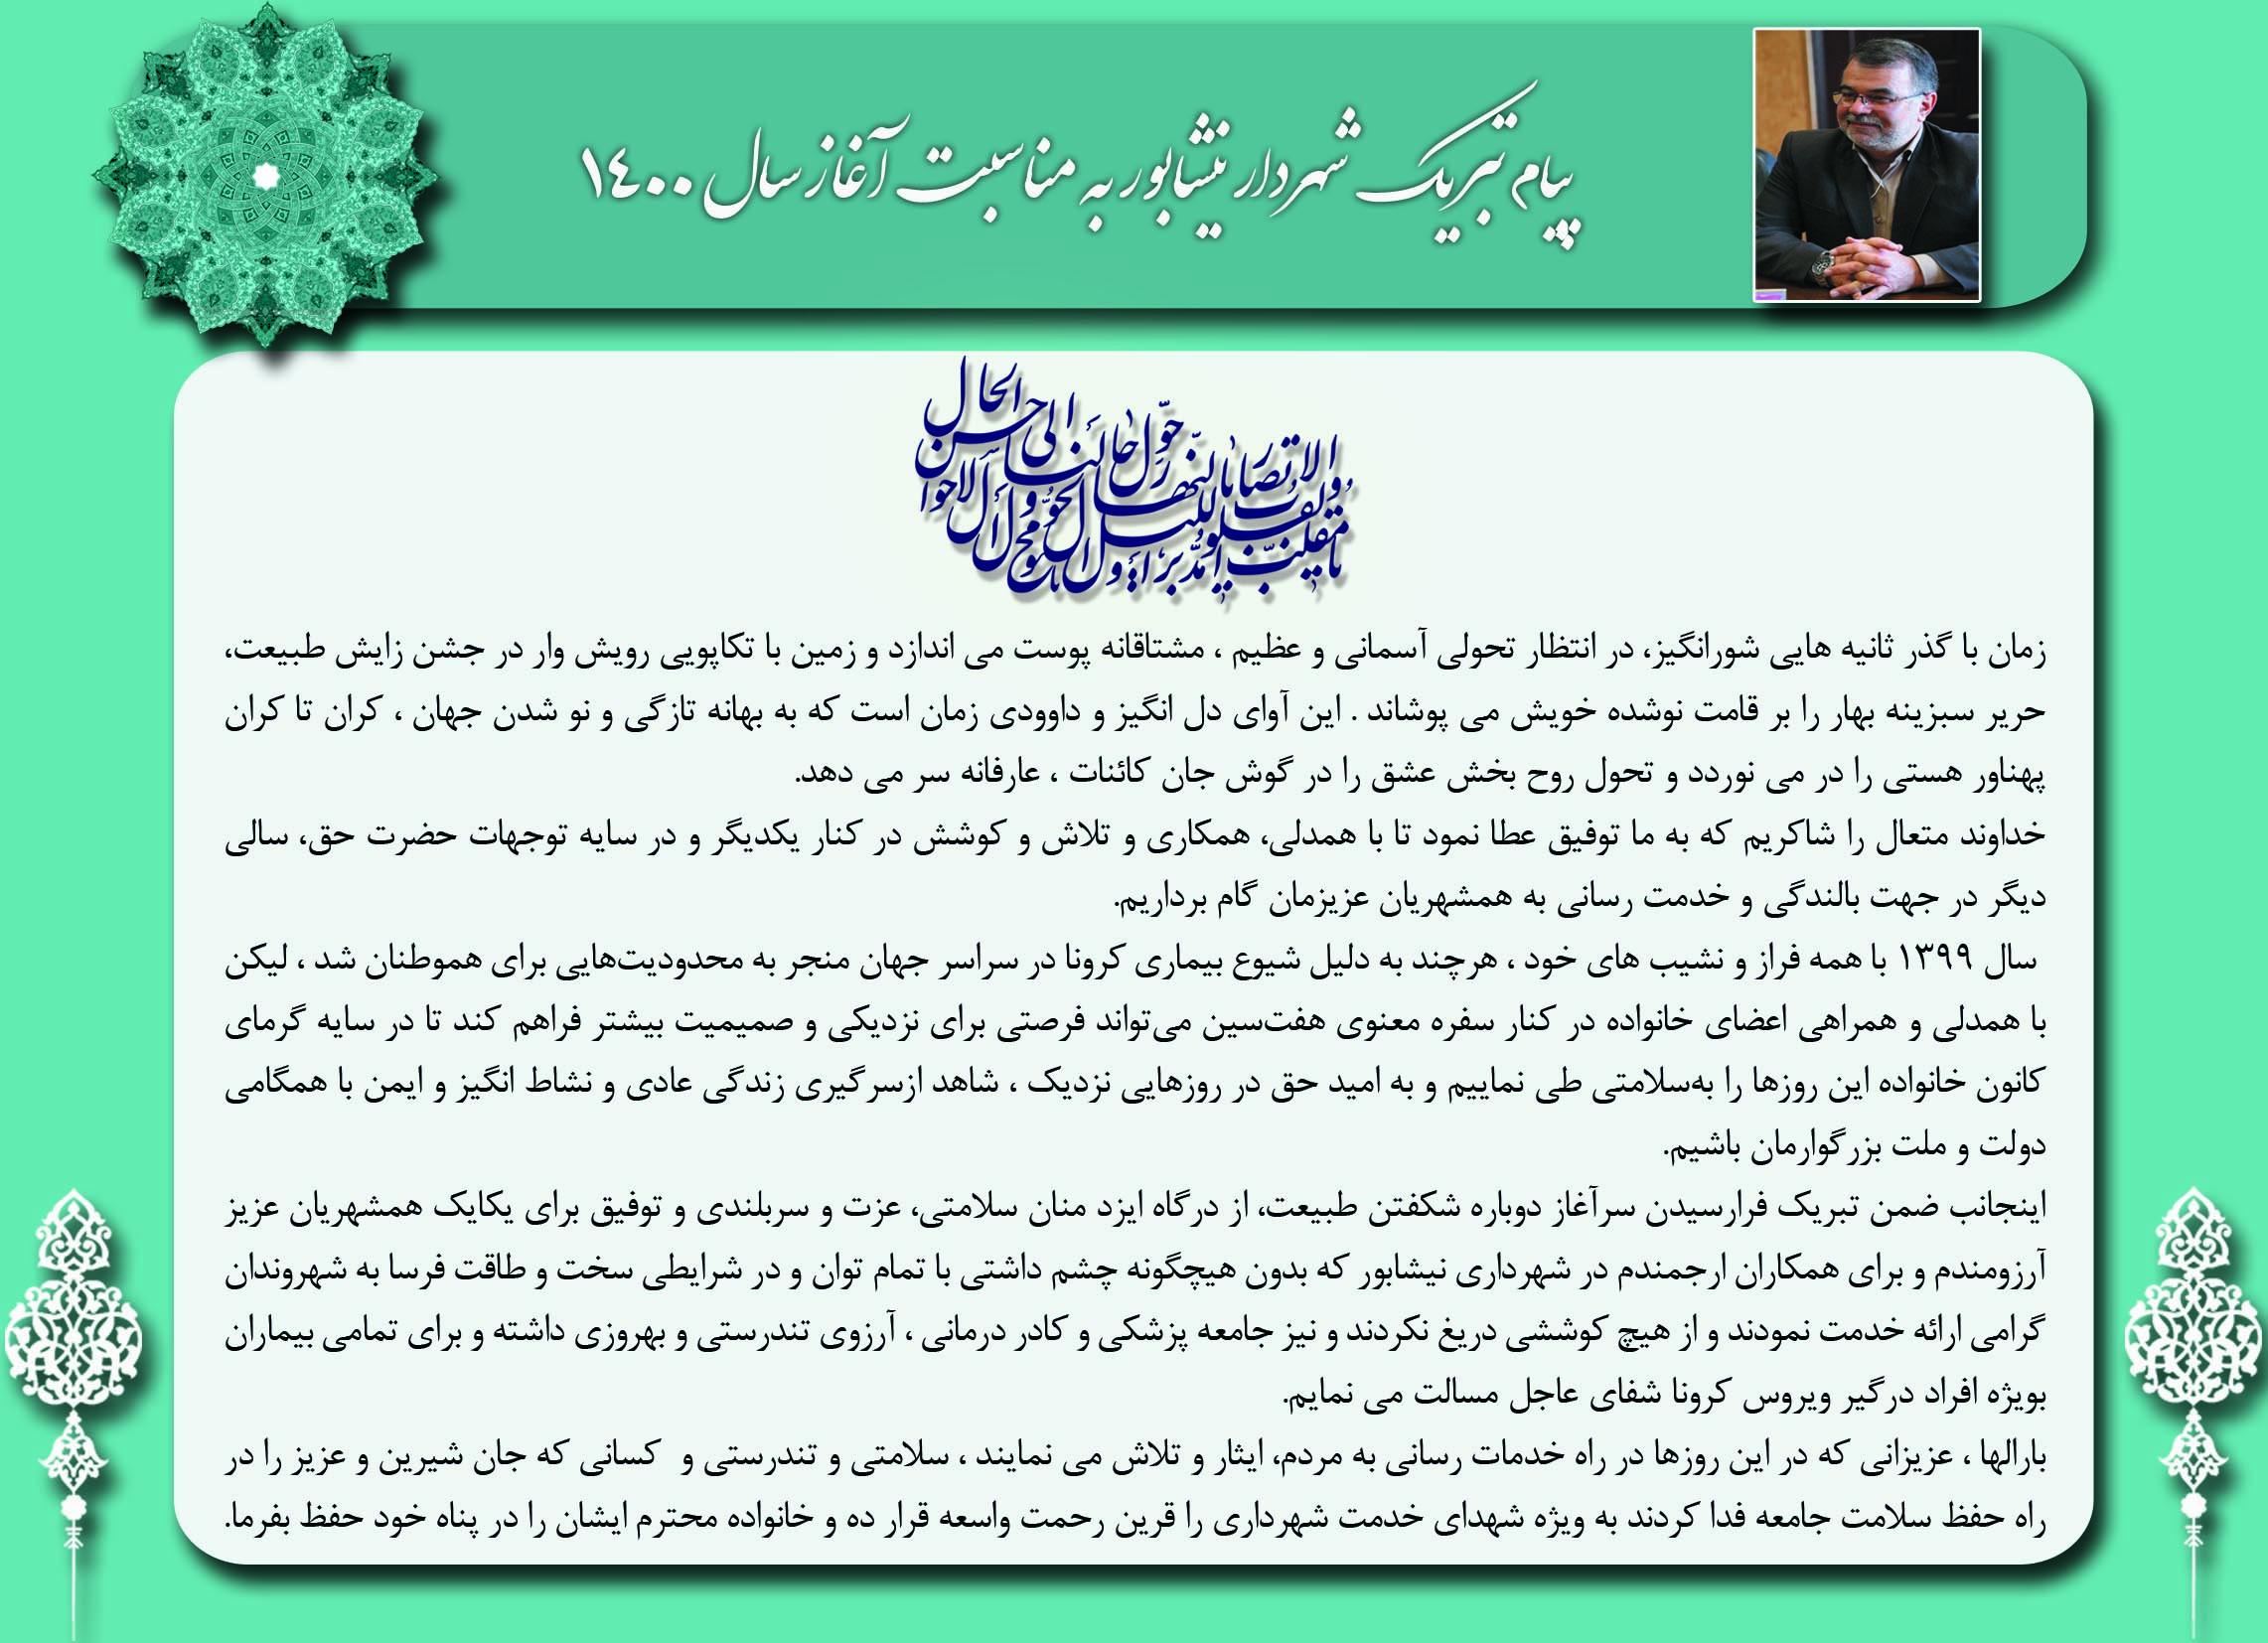 پیام تبریک شهردار نیشابور به مناسبت سال ۱400